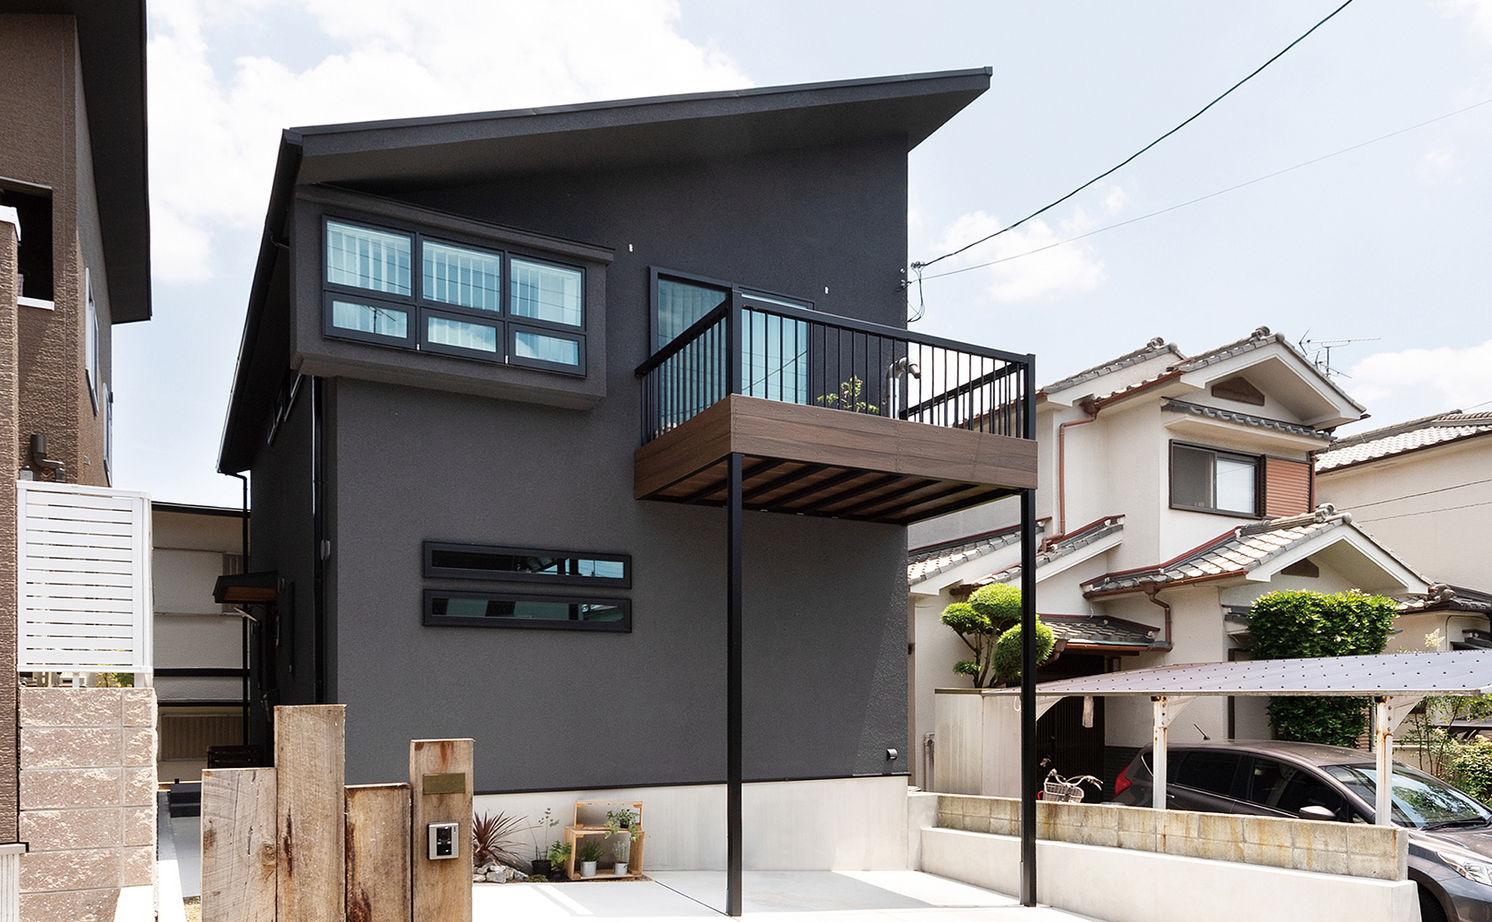 【2000~2500万円】古材や無垢材でアンティークな階段調の棚も造作。カフェみたいなリビングで暮らす家画像2